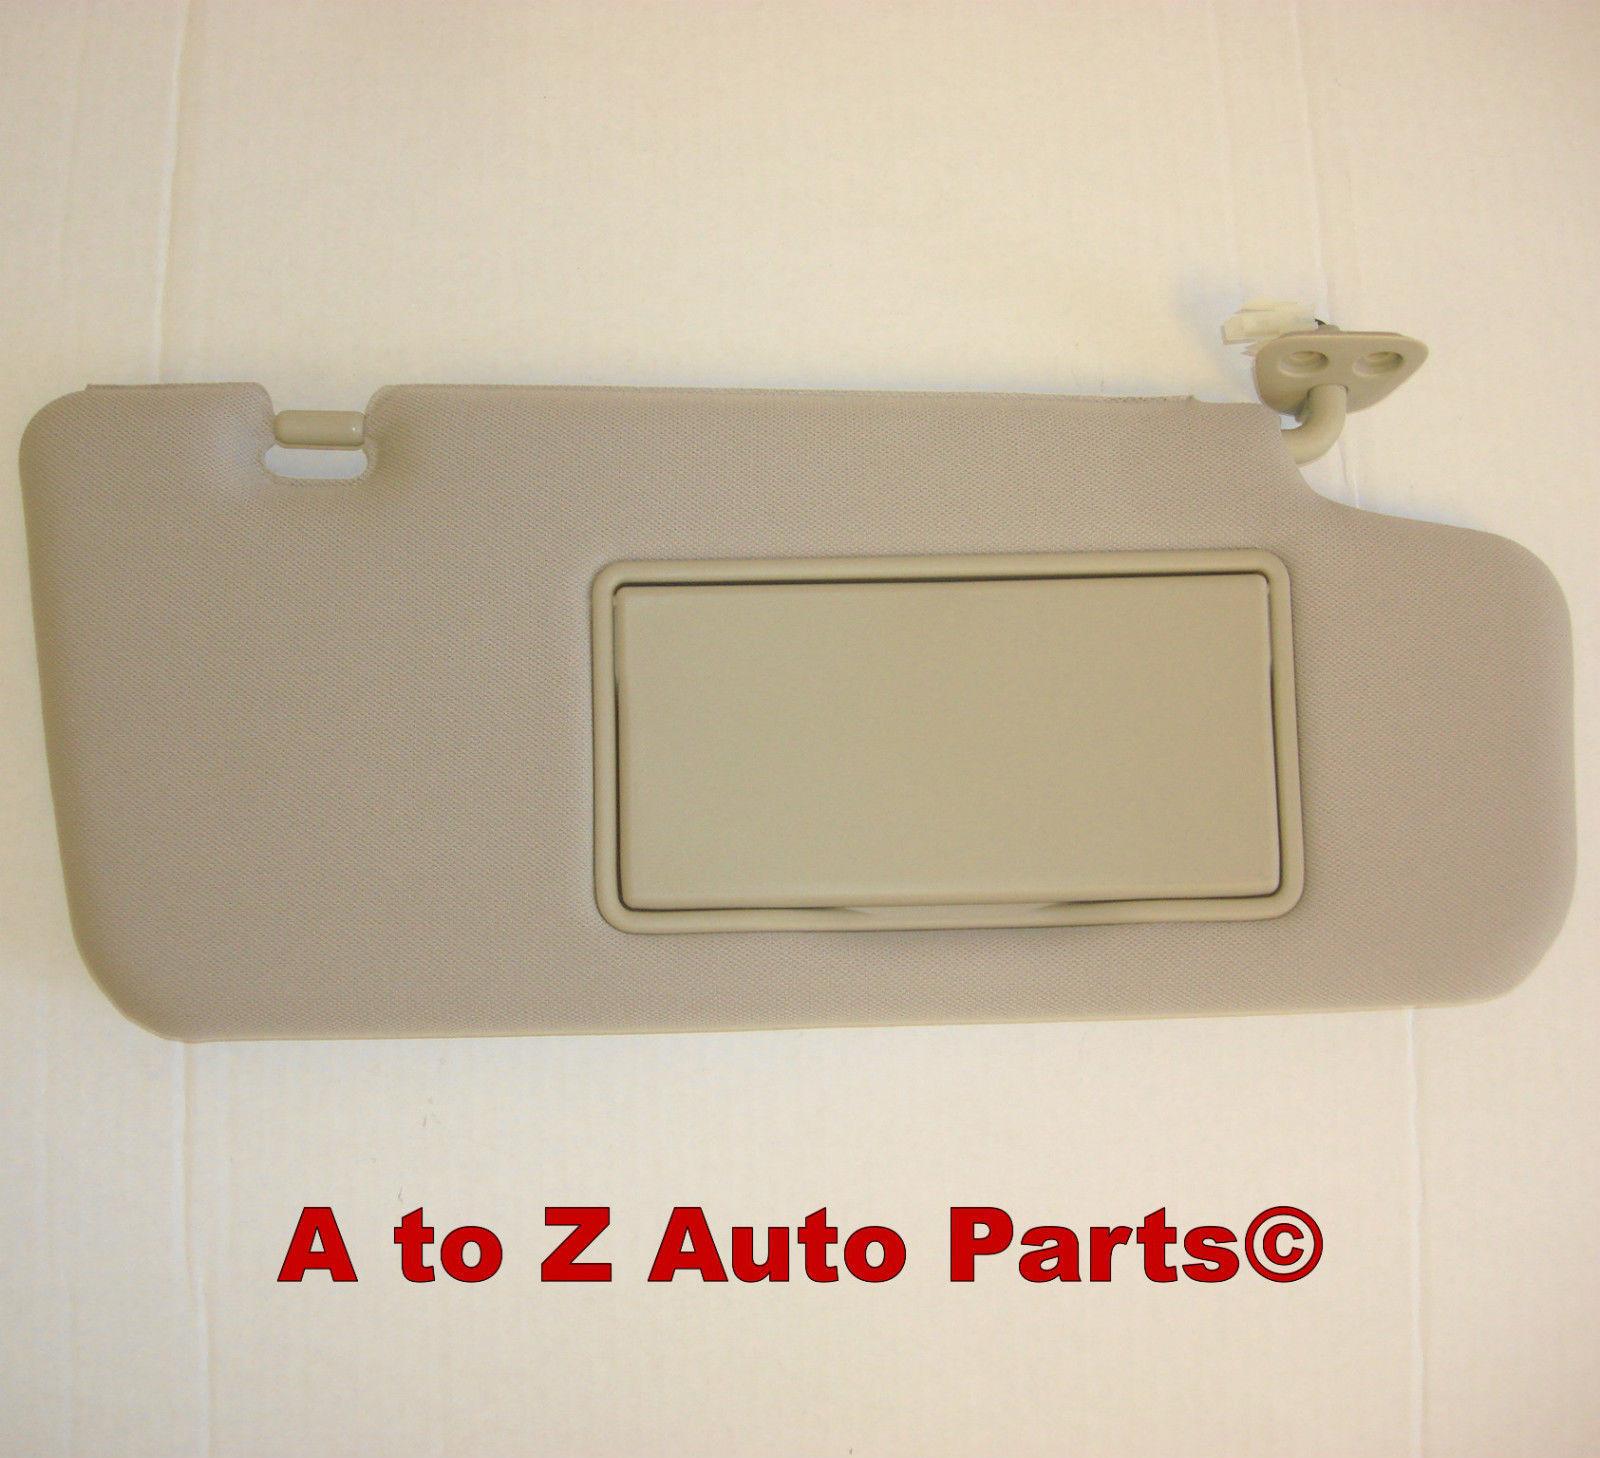 NEW 2006-2007 Nissan Murano BEIGE (G) PASSENGER or RIGHT SUN VISOR  Assembly d71eacf0f85